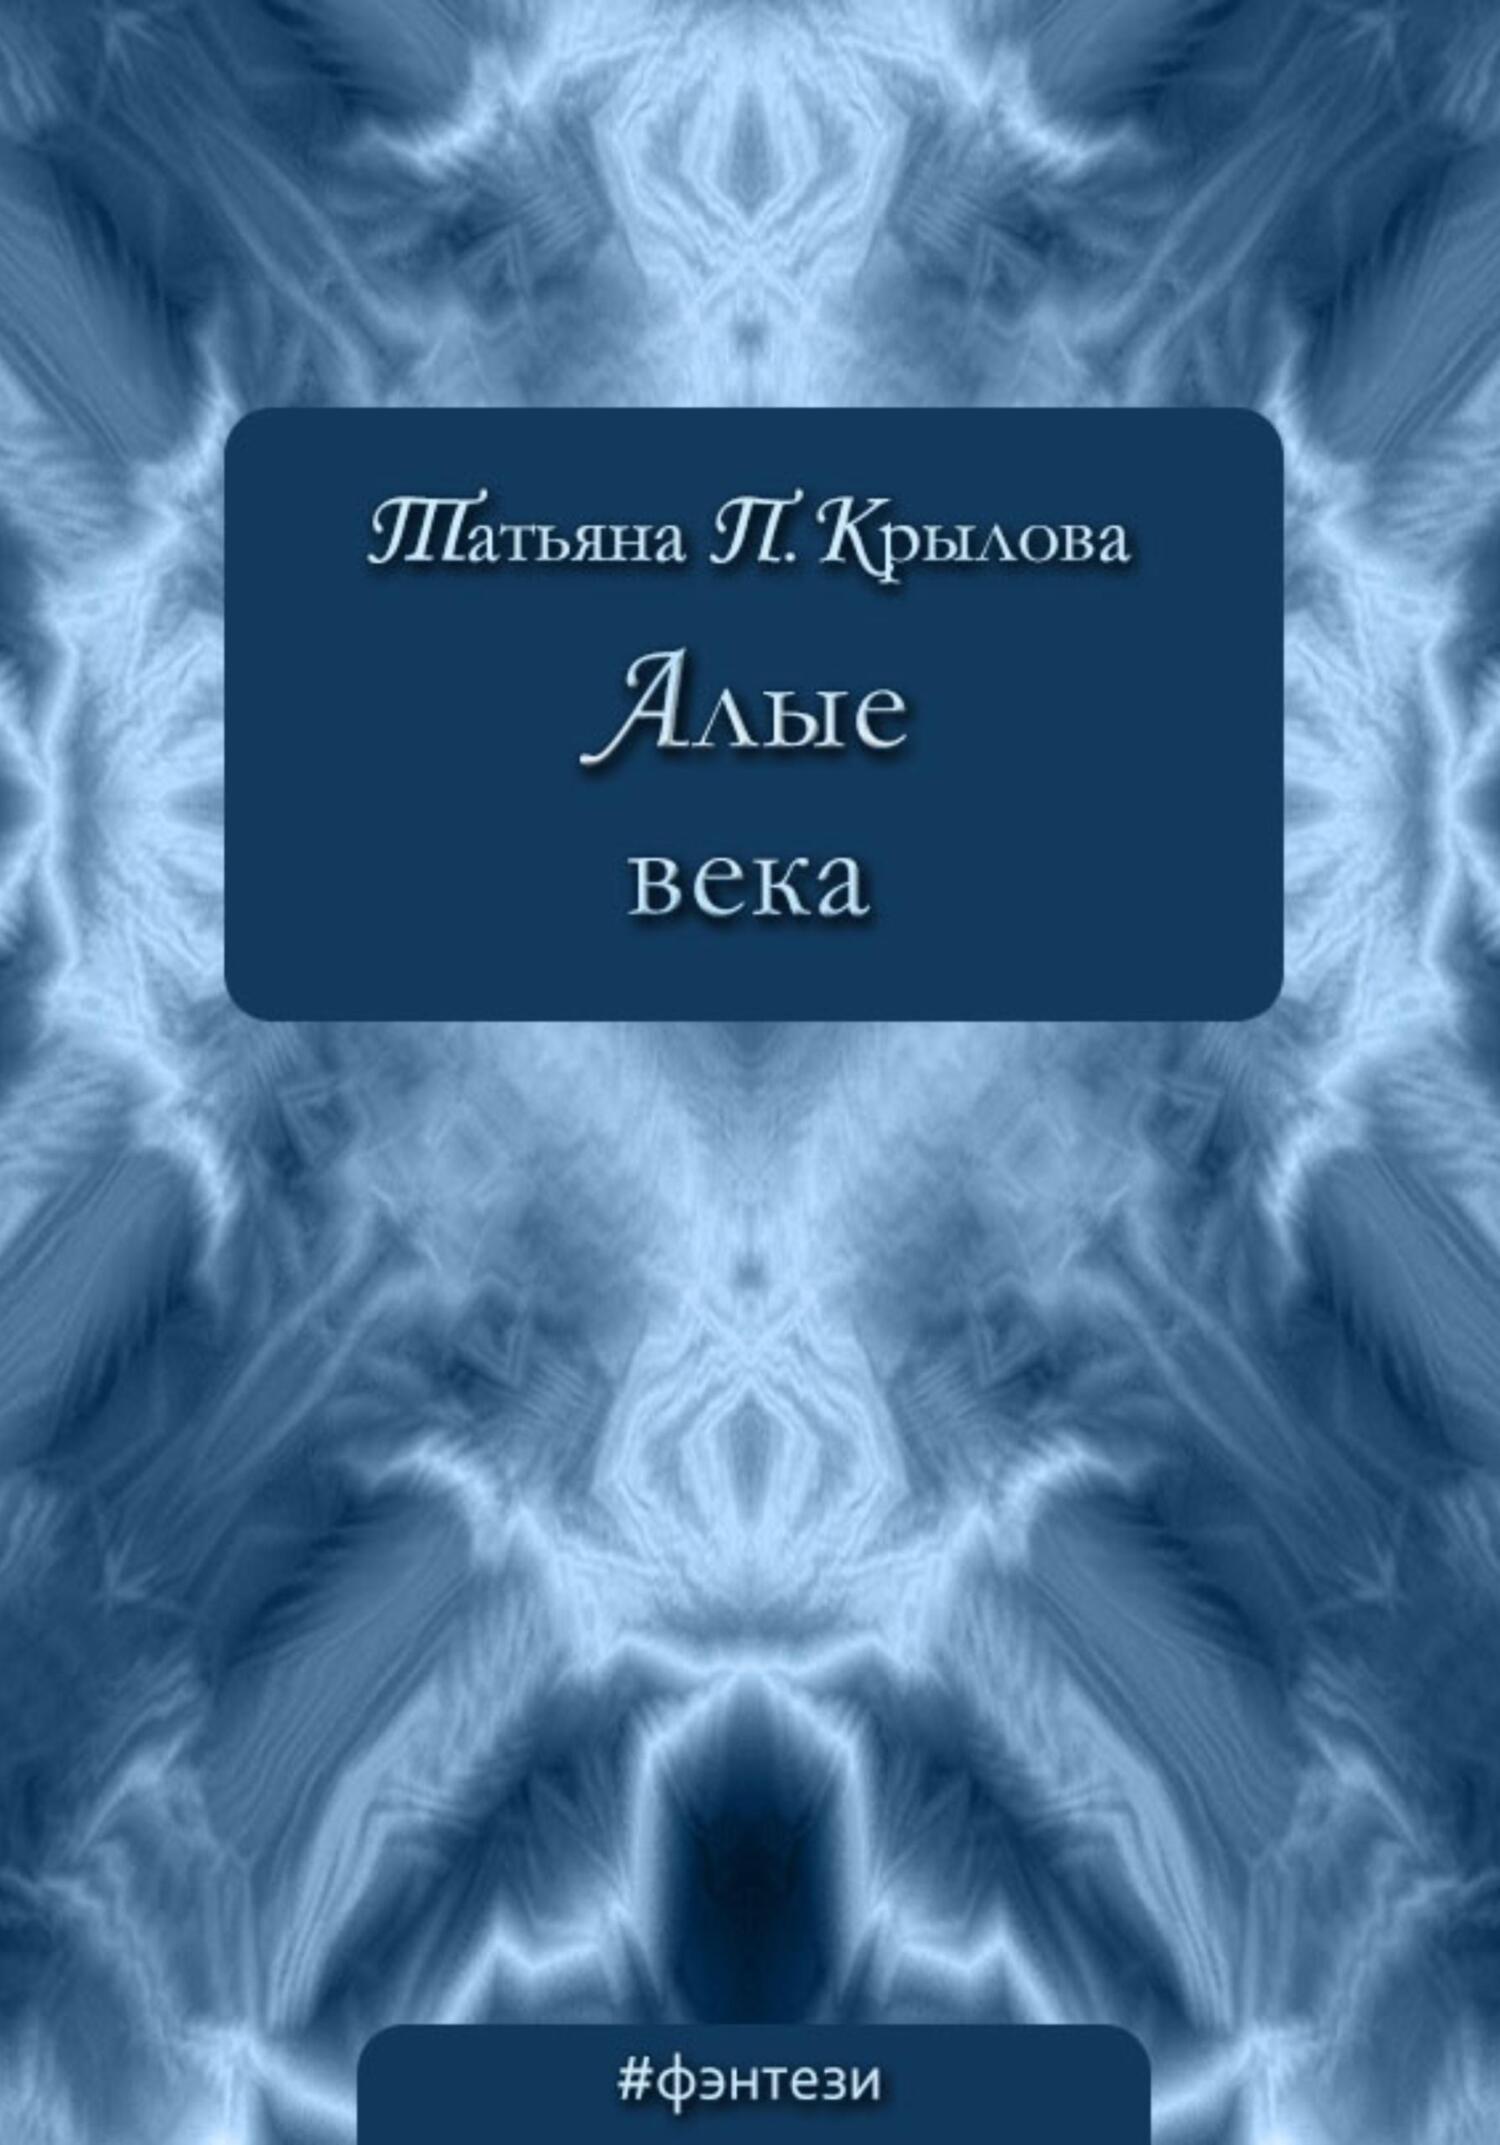 Купить книгу Алые века, автора Татьяны Петровны Крыловой